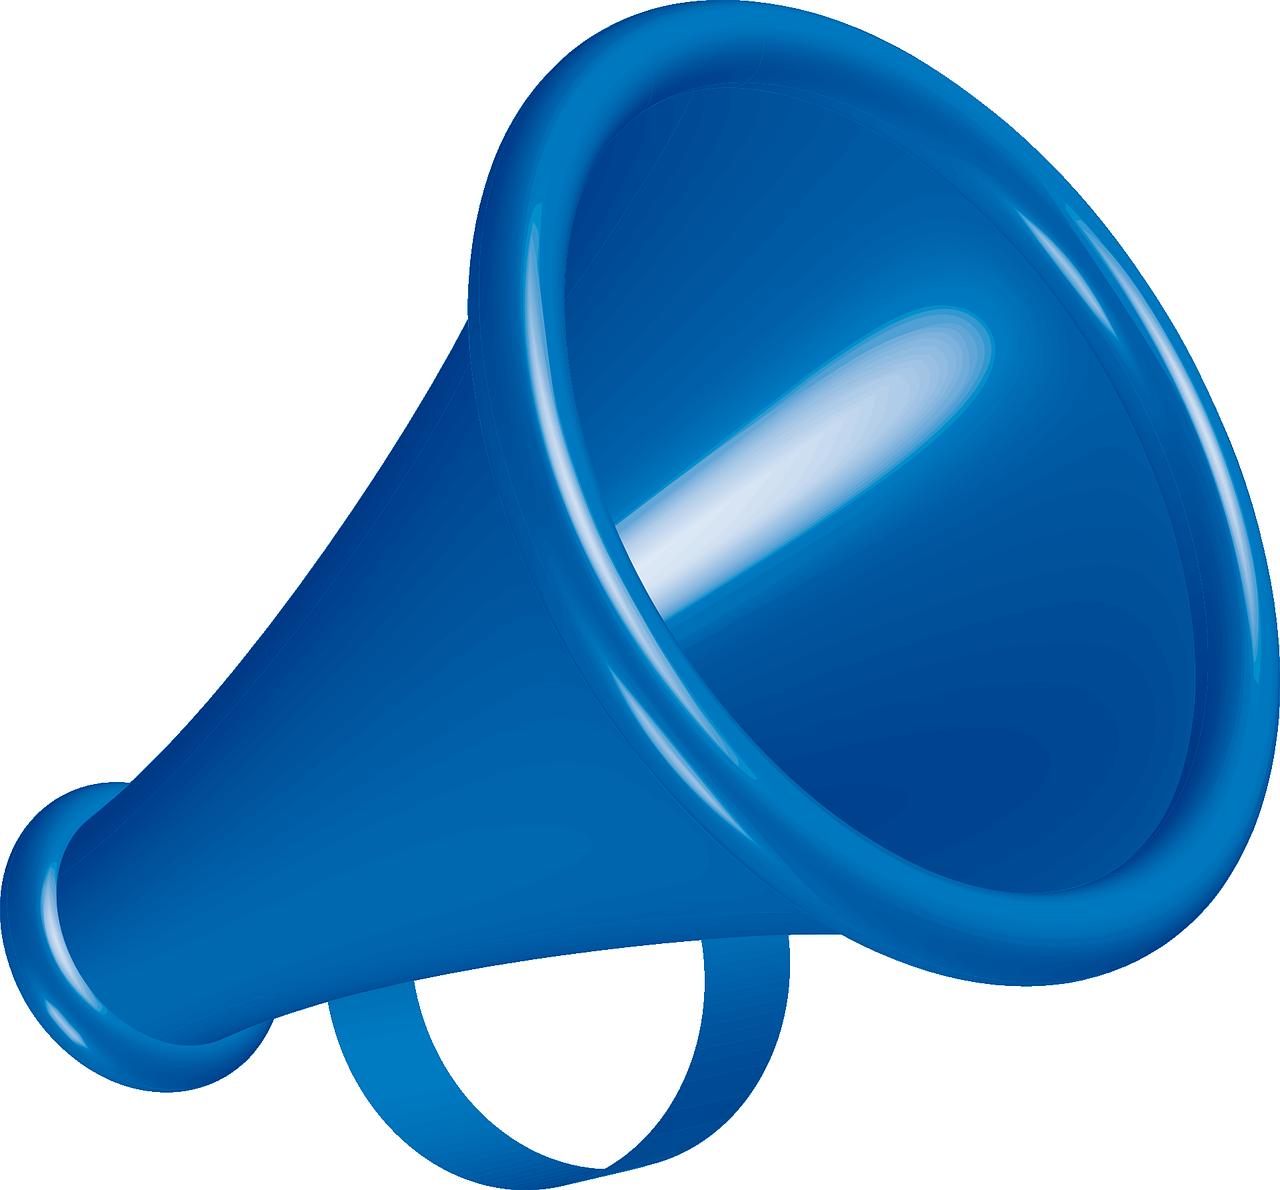 [megaphone icon]